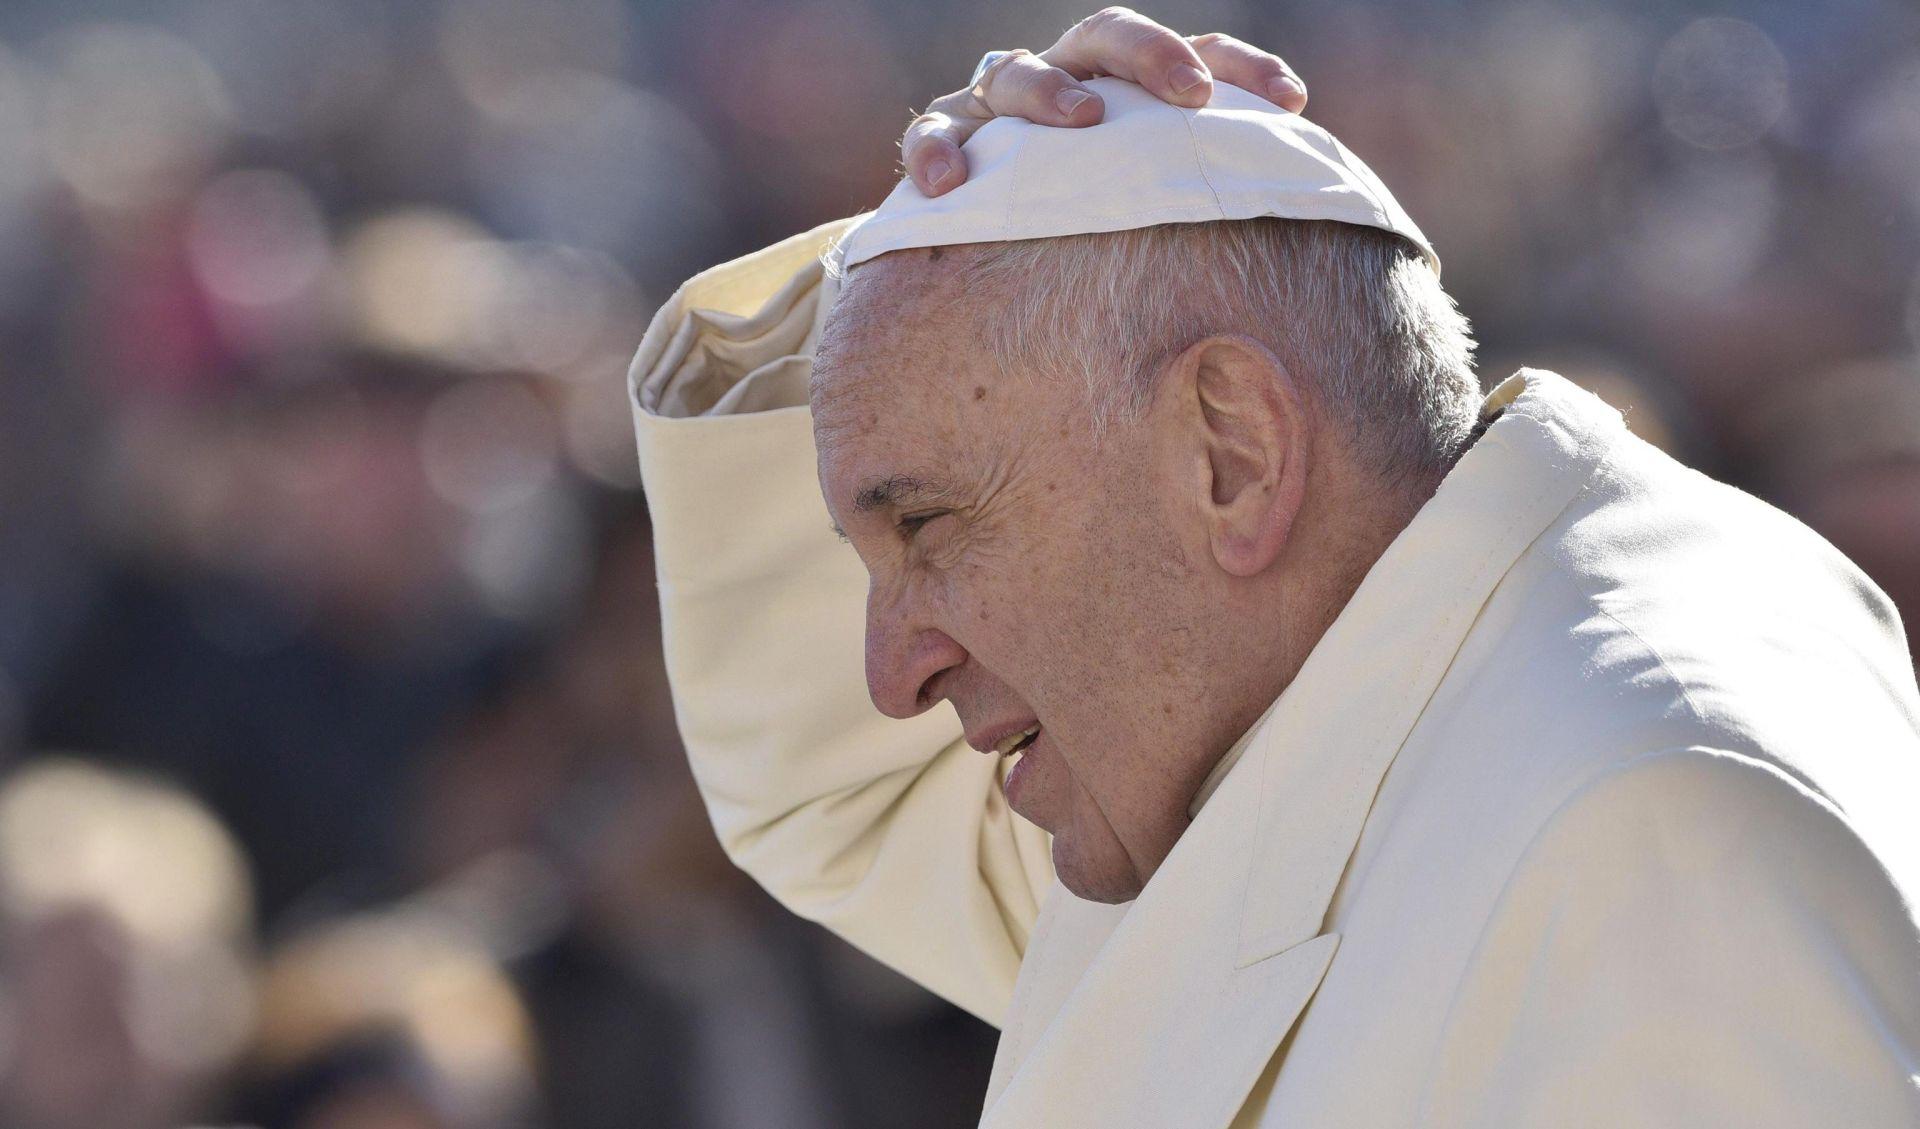 Papa uoči Božića oslobodio crkvenog dužnosnika osuđenog u aferi Vatileaks